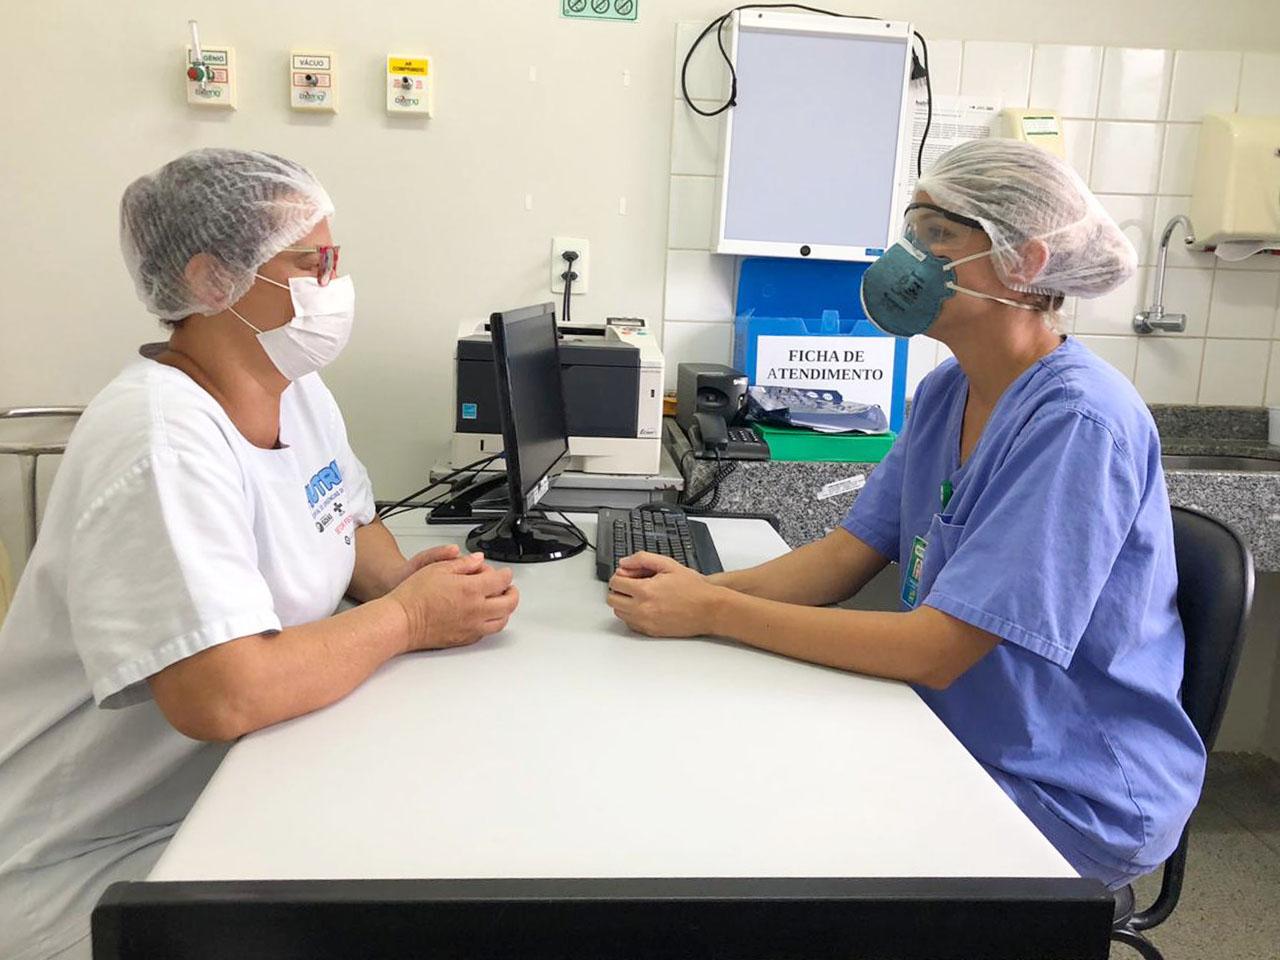 Hospital de Urgências de Trindade oferece apoio psicológico aos profissionais de saúde